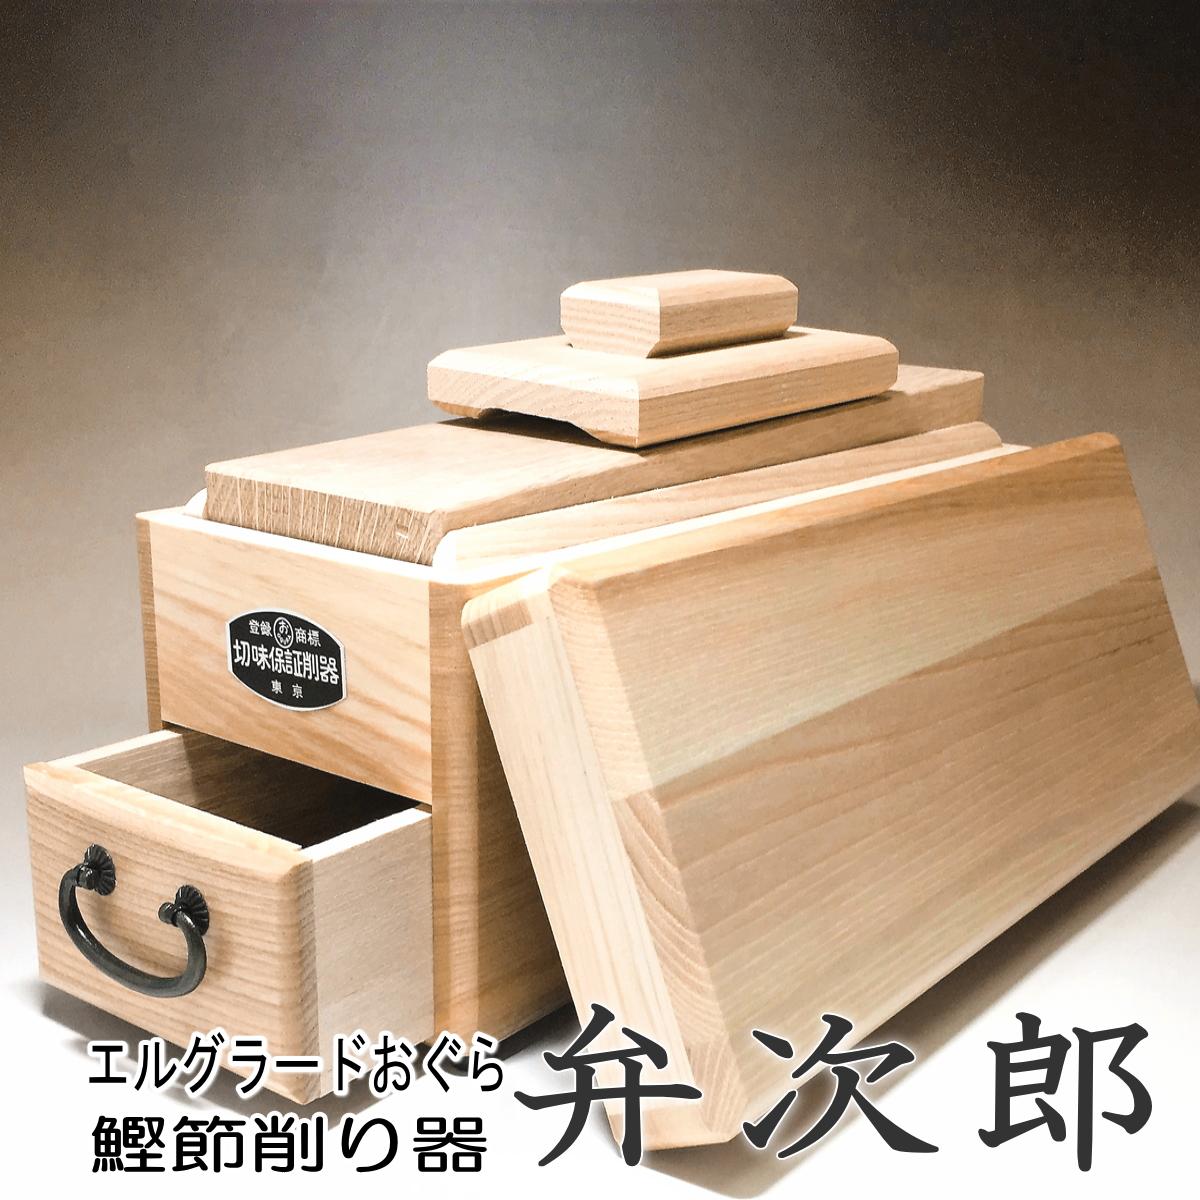 鰹節削り器 『弁次郎』 エルグラードおぐら製 最高級品 送料無料白樫のカンナ台使用 鉋台傾斜式